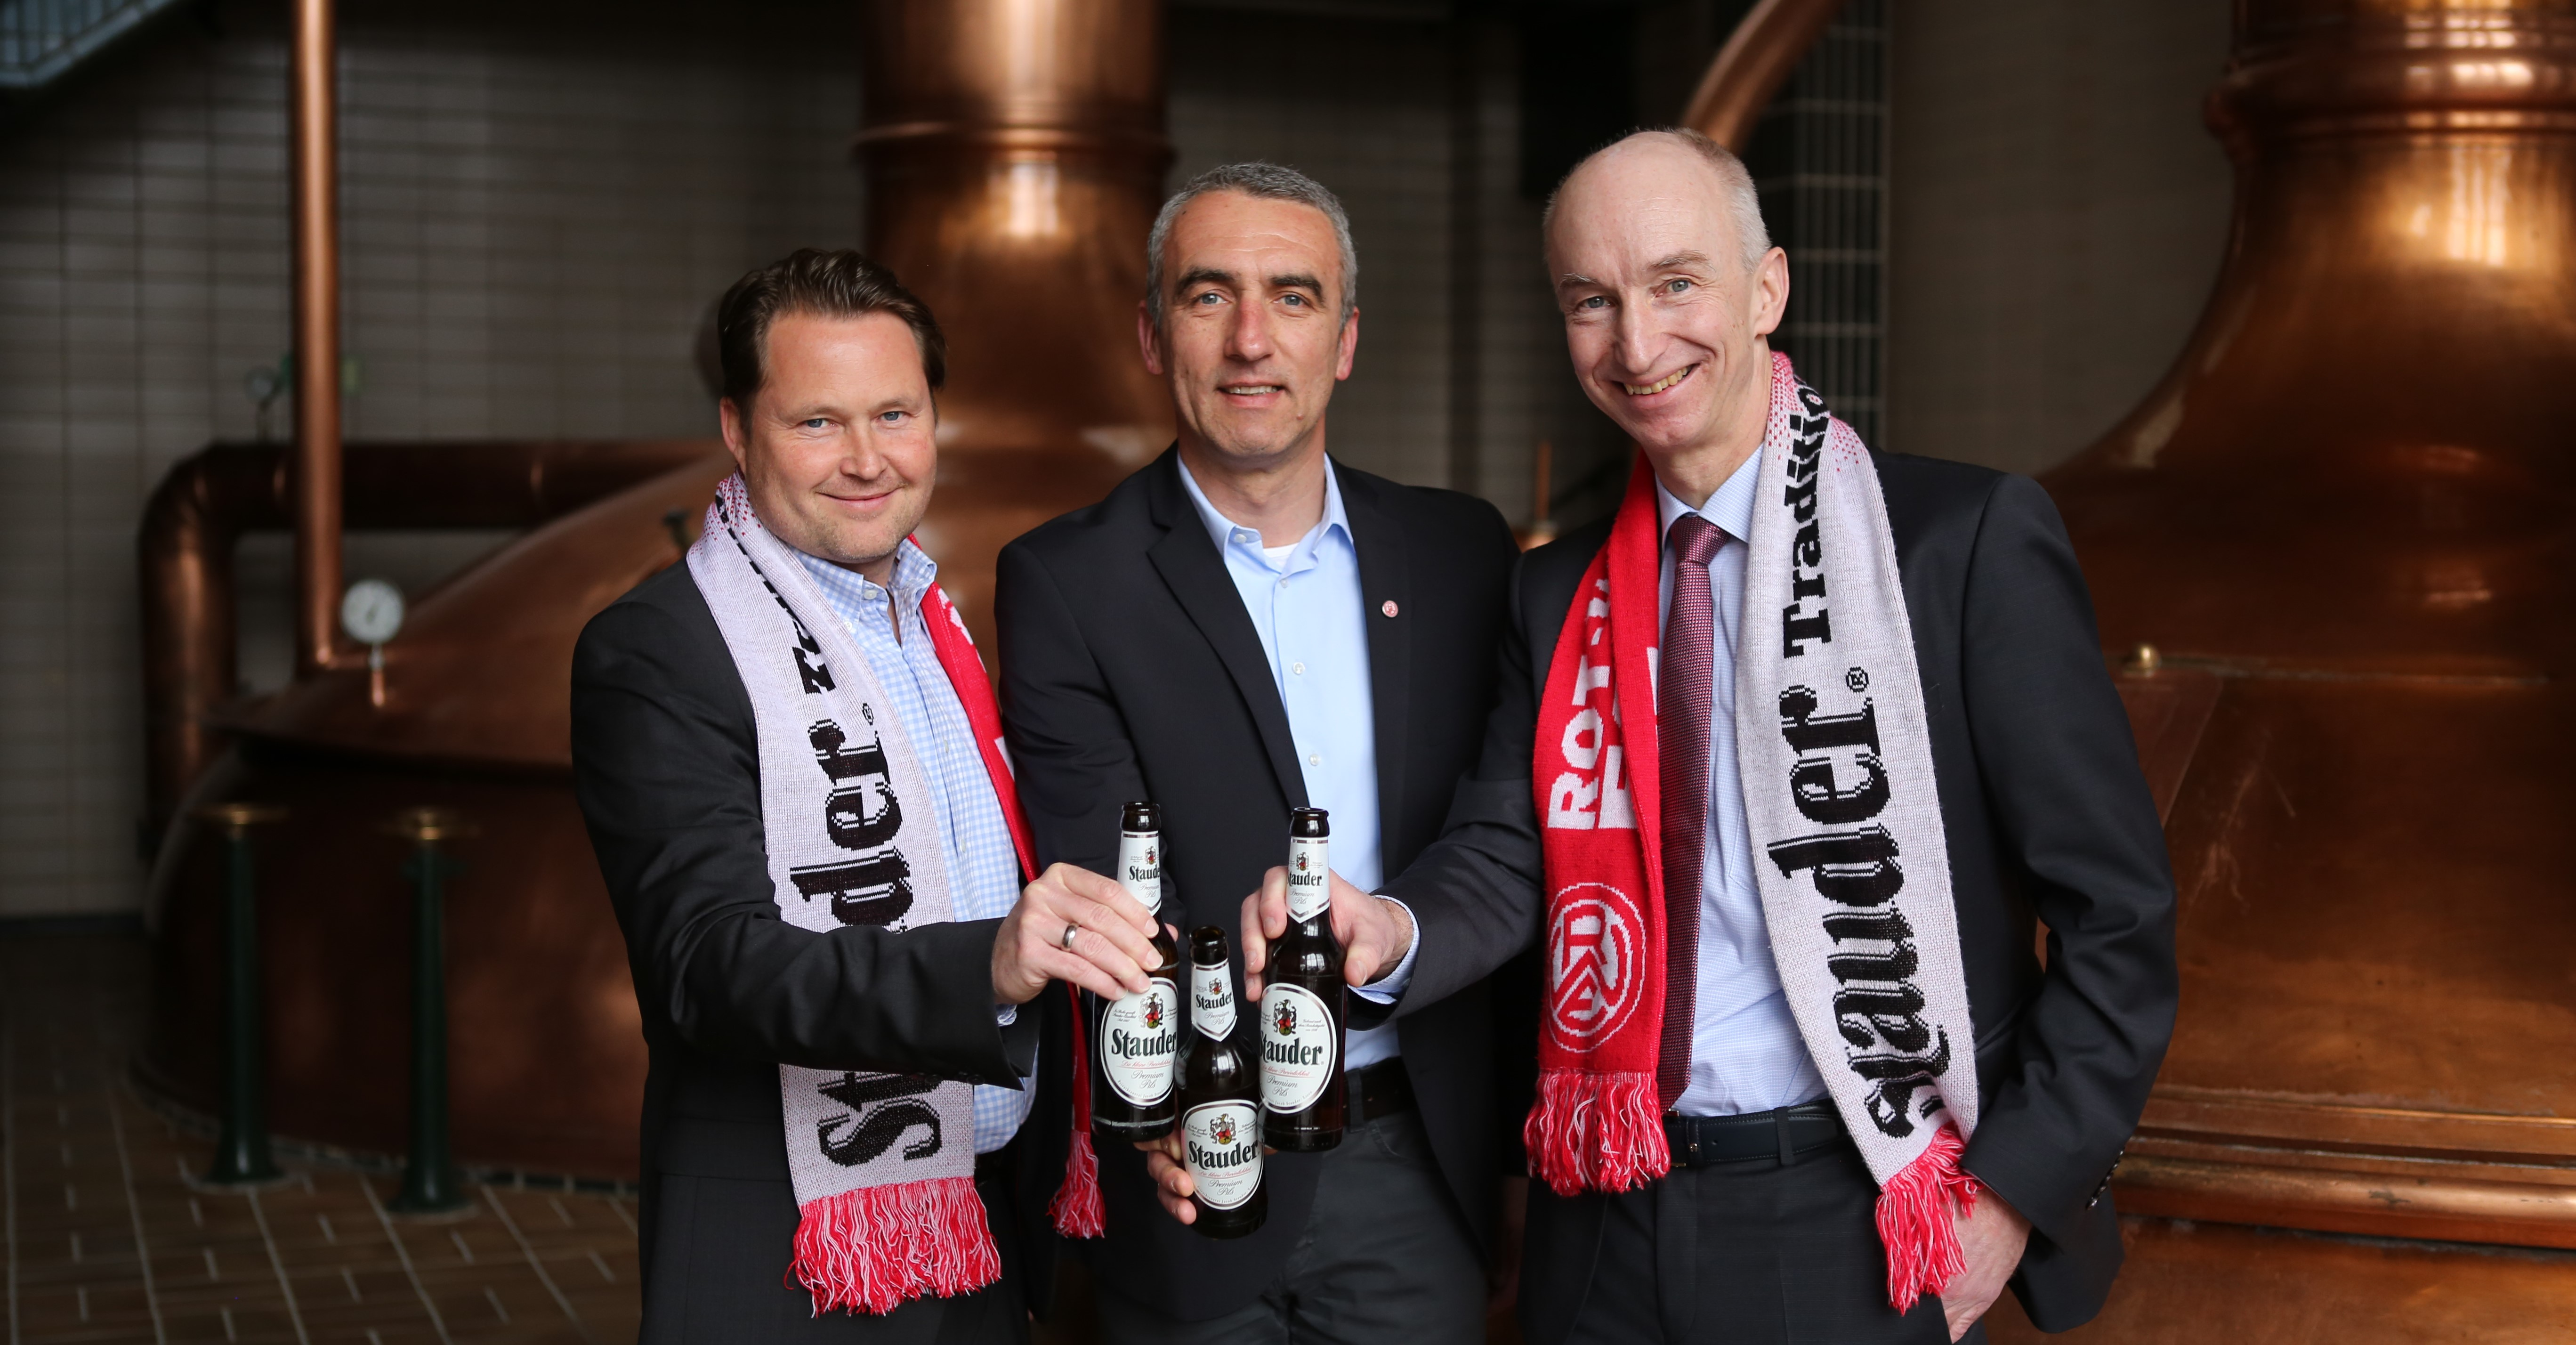 (v.l.) Frank Isert (Verkaufsdirektor und Prokurist der Privatbrauerei Stauder), Marcus Uhlig (Vorstand RWE) und Dr. Thomas Stauder (Geschäftsführer der Privatbrauerei Stauder) stoßen auf die Verlängerung der Partnerschaft an. (Foto: Stauder)